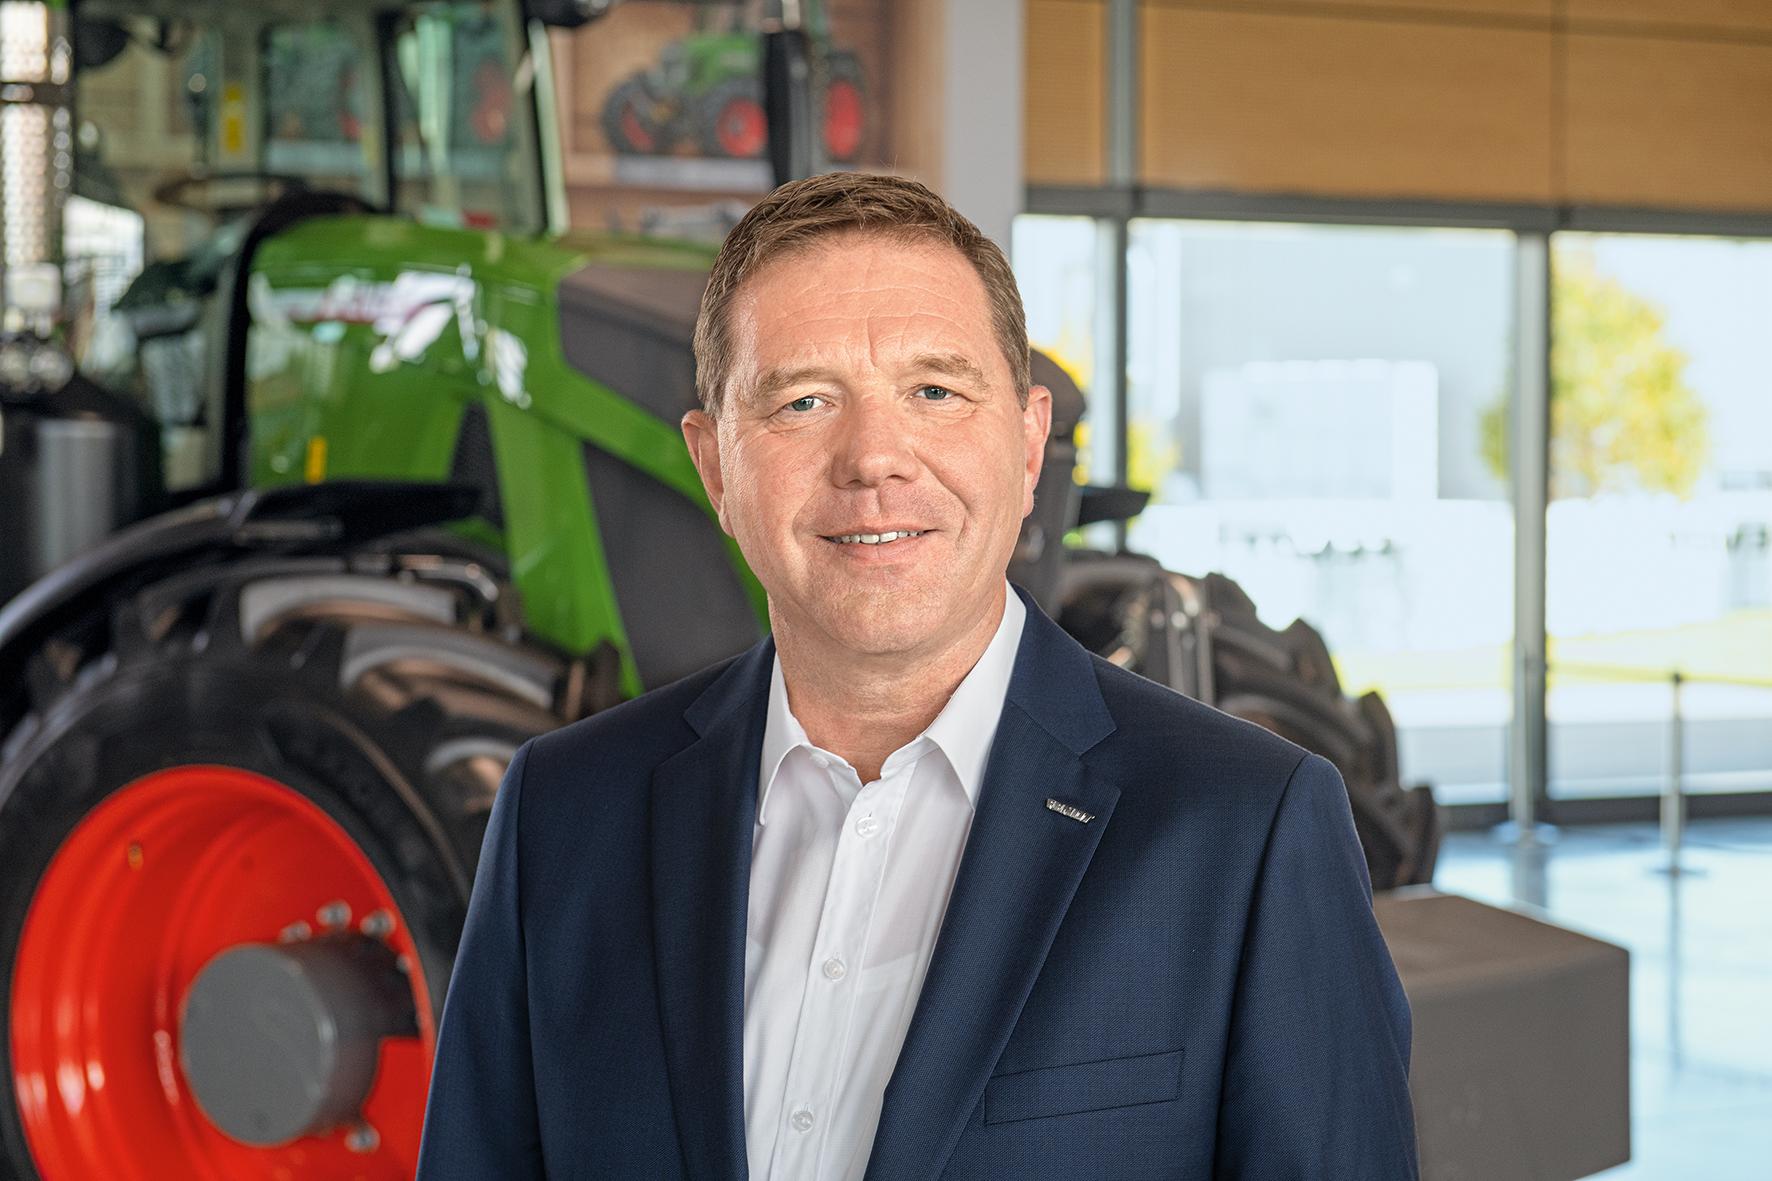 Кристоф Греблингхофф, новый управляющий директор и генеральный директор AGCO